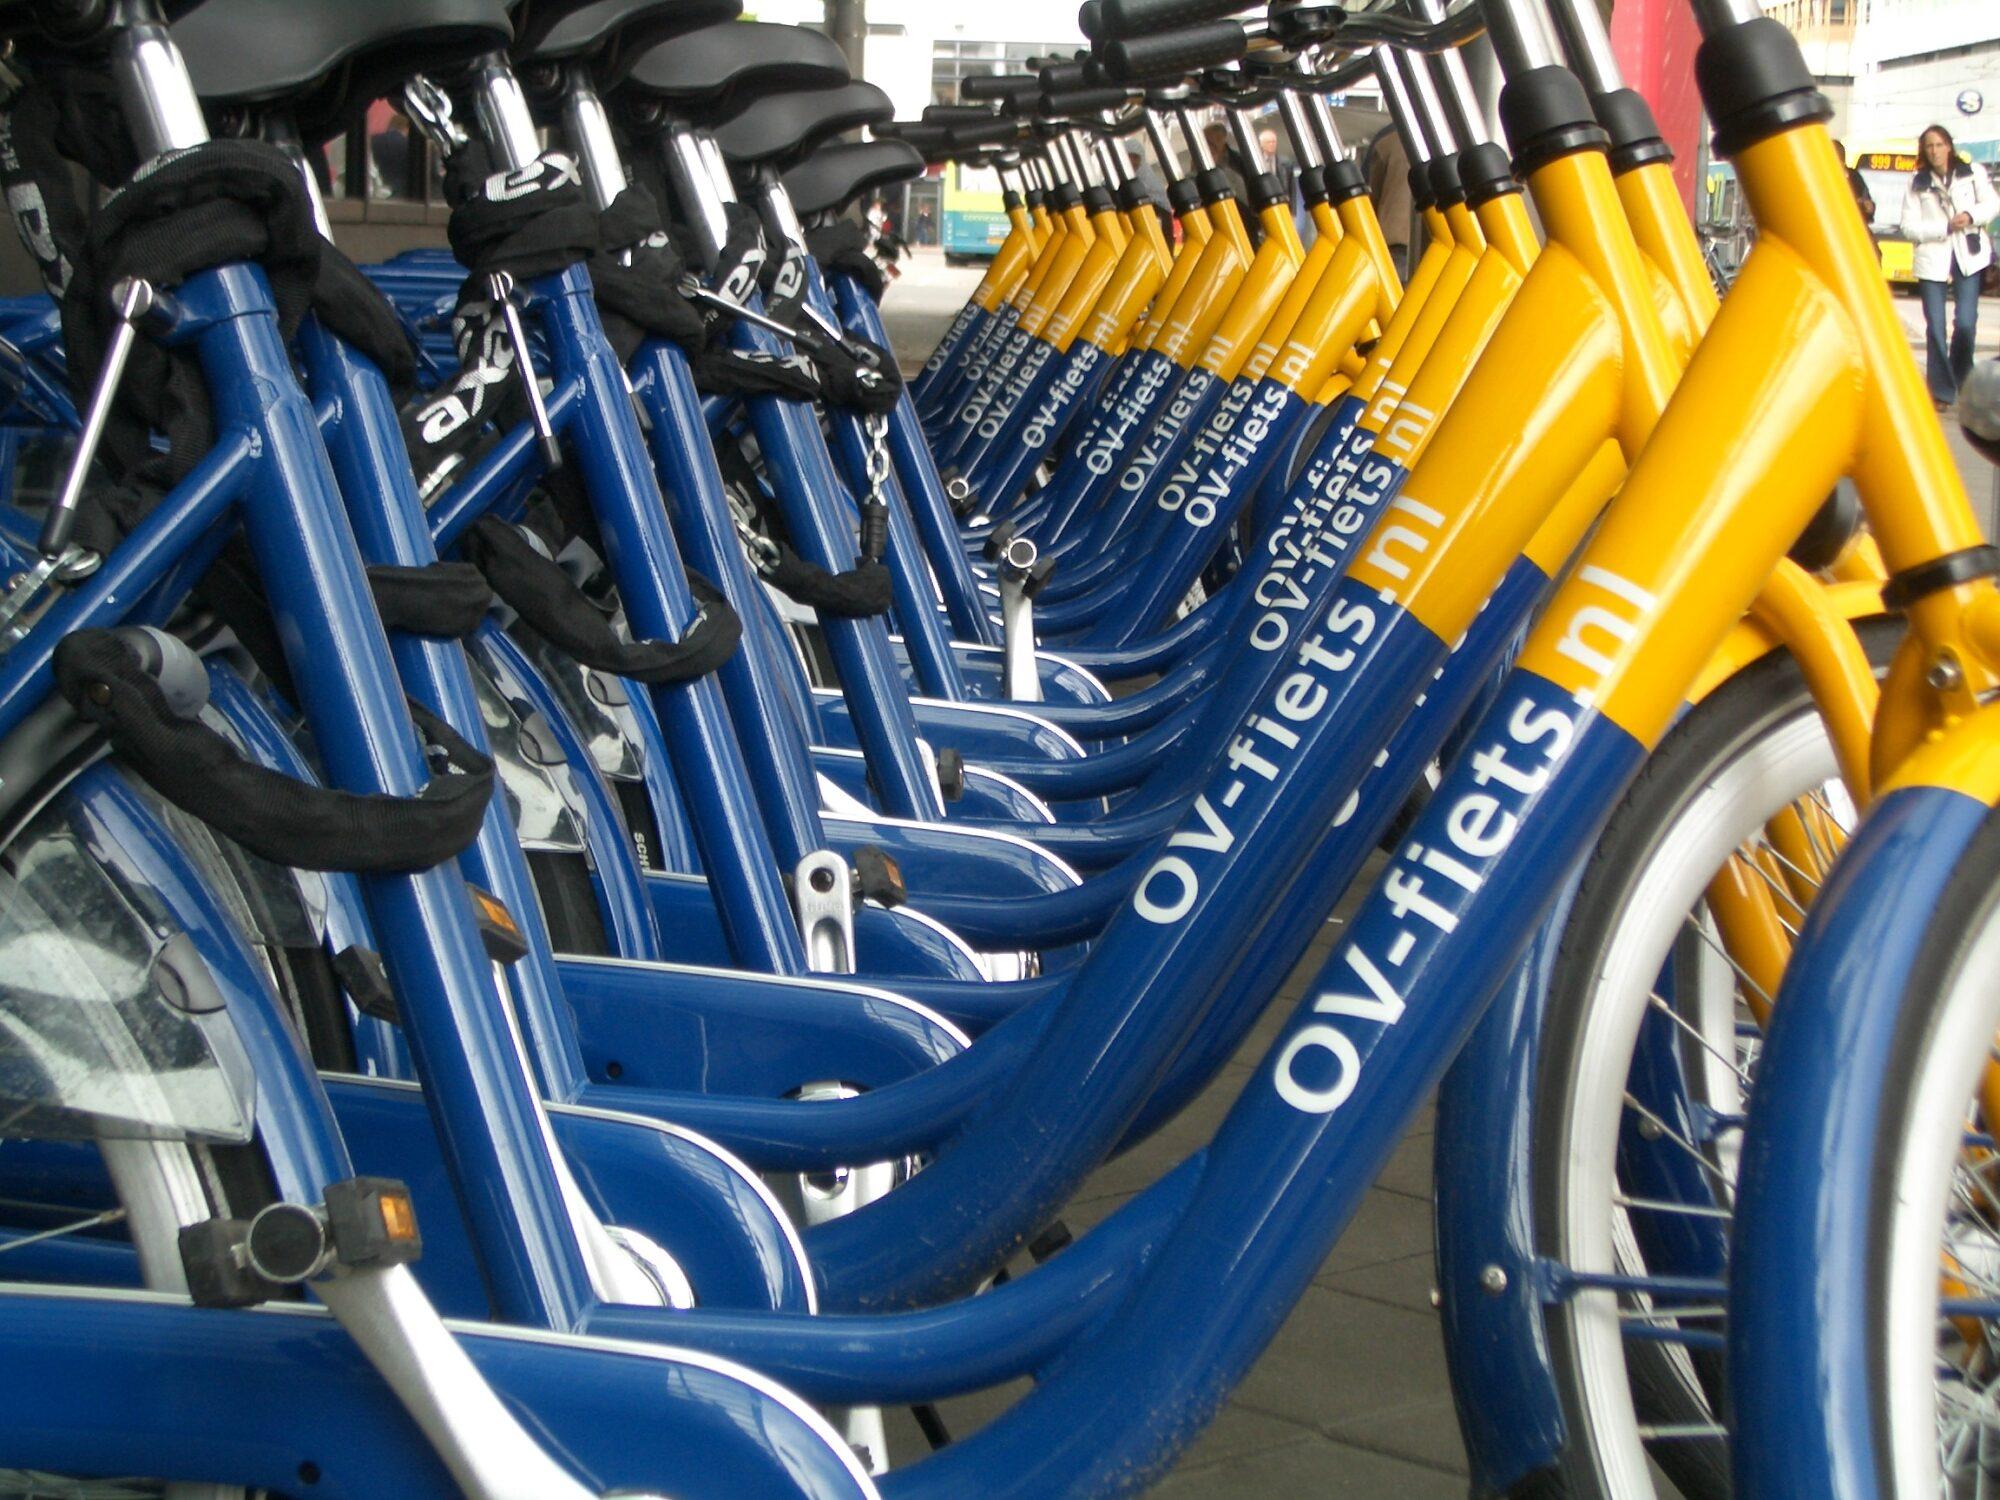 OV-fiets van het slot met ov-chipkaart